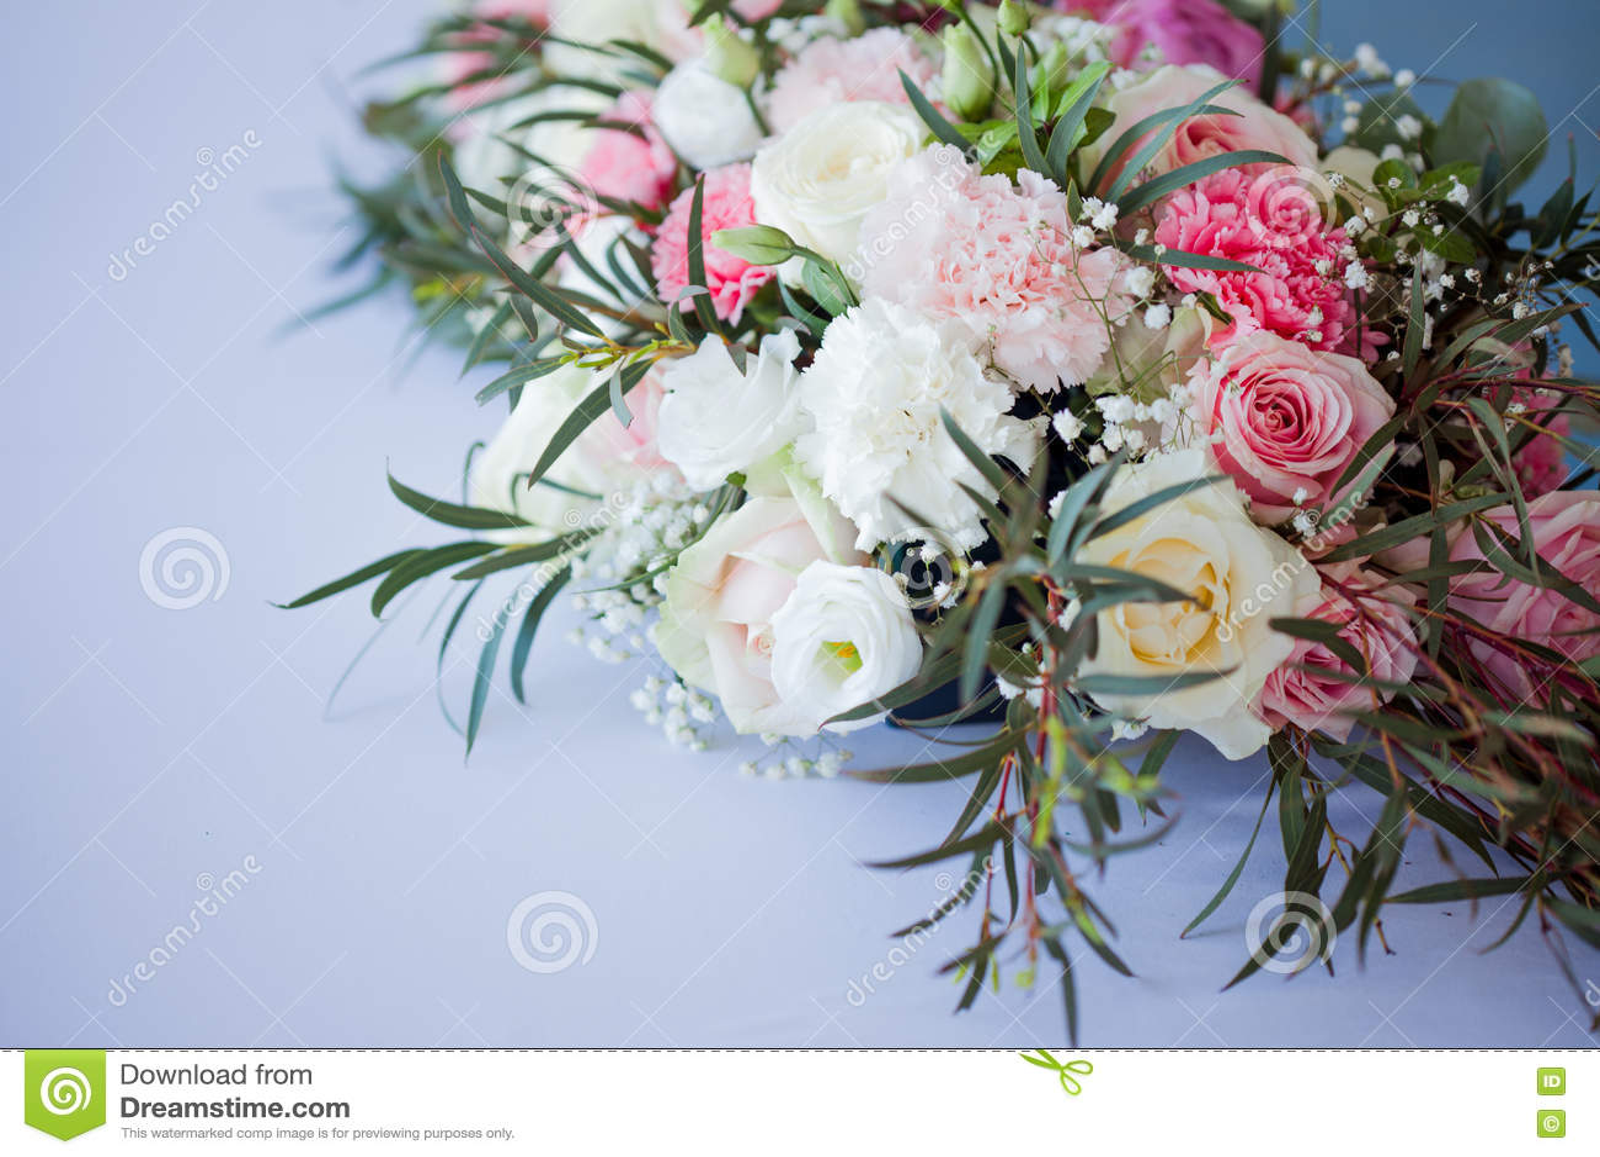 Composition Florale Sur La Table Fleurs Et Nappe Blanche Mariage Roses Pivoines Image Stock